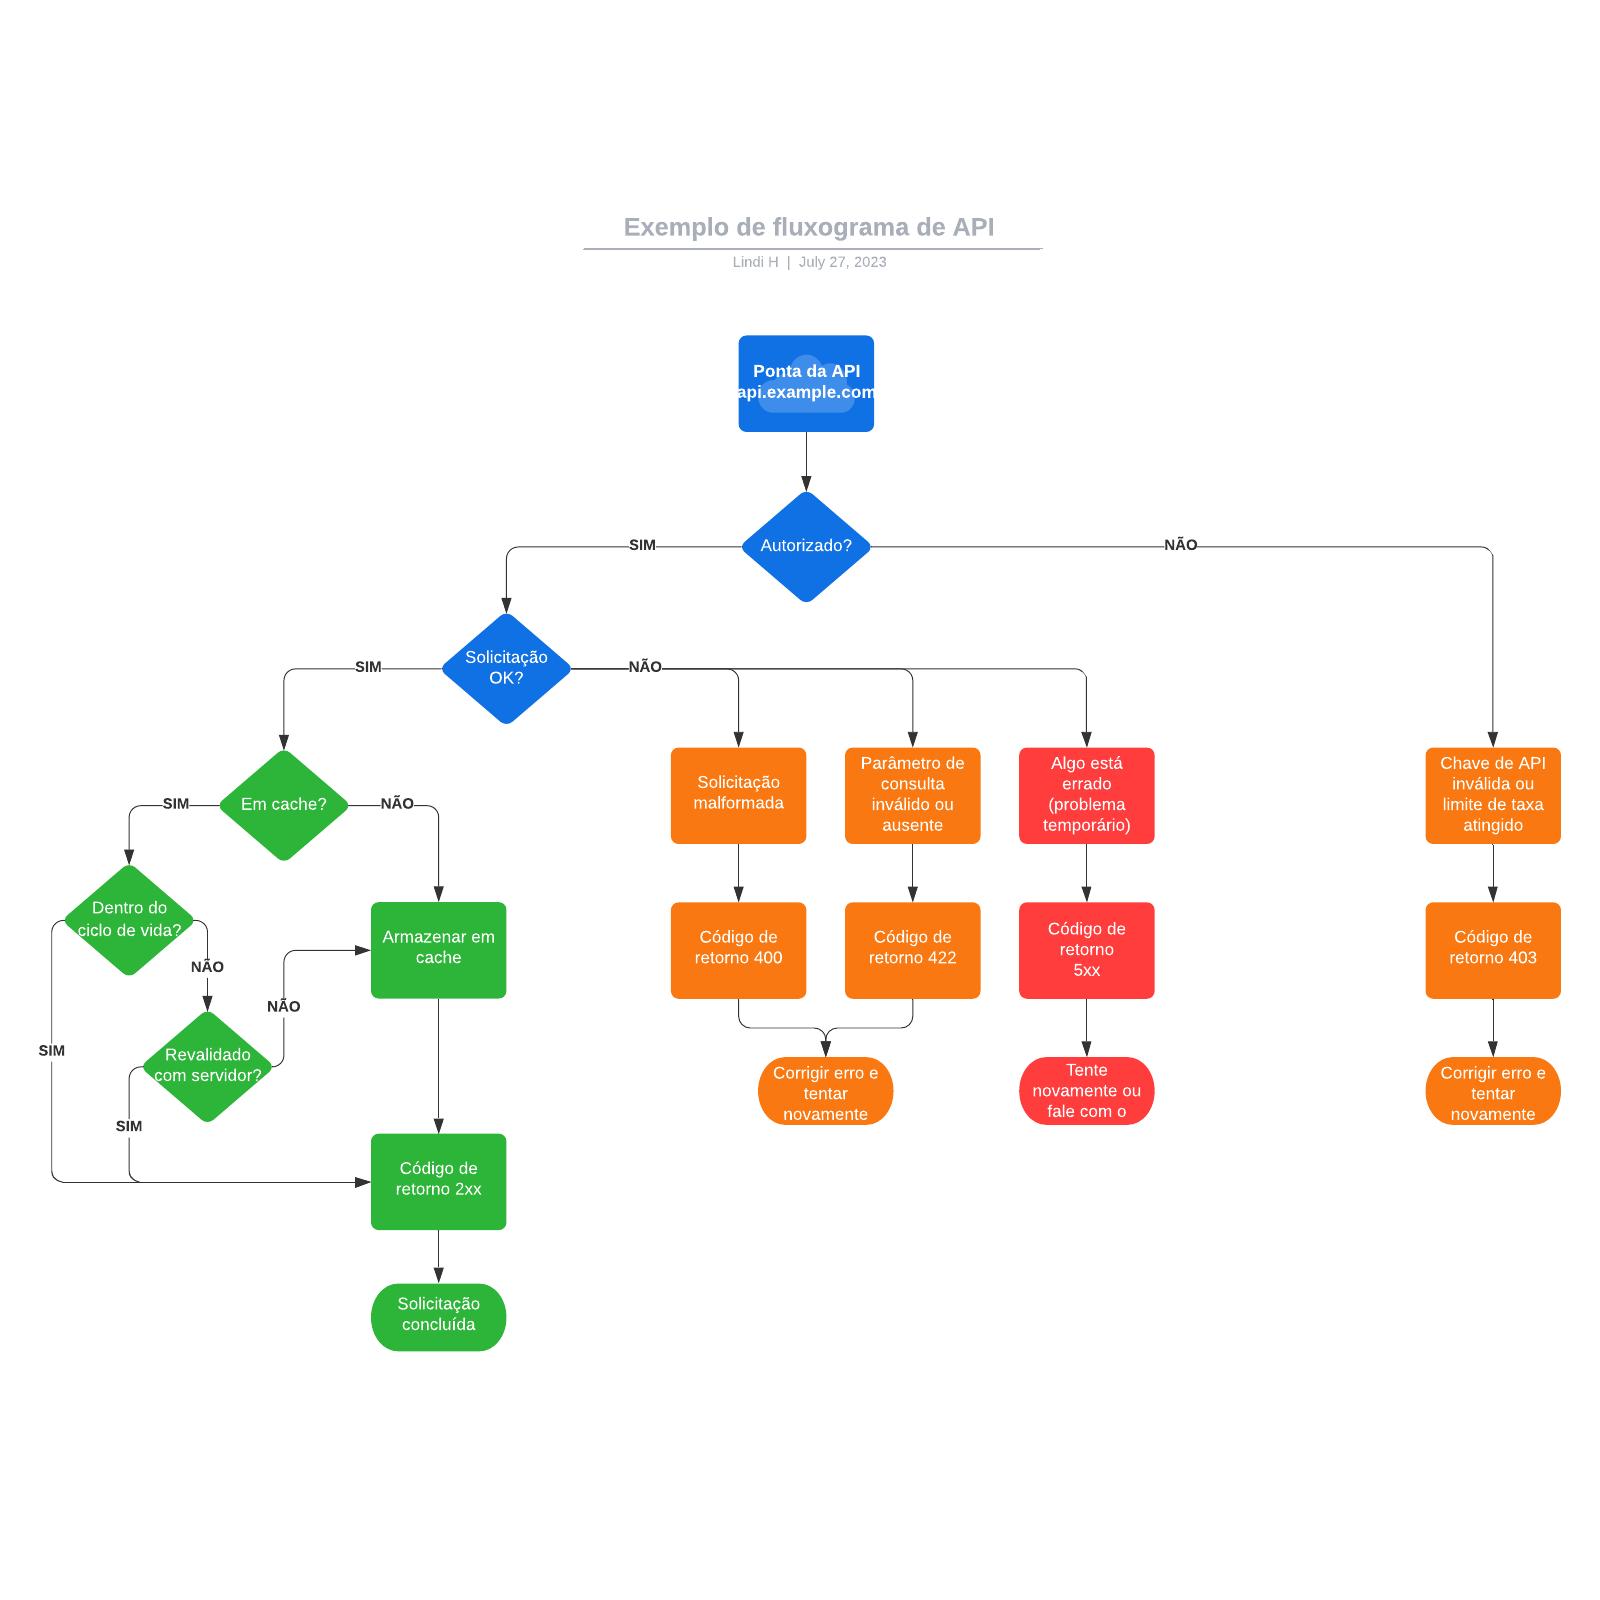 Exemplo de fluxograma de API